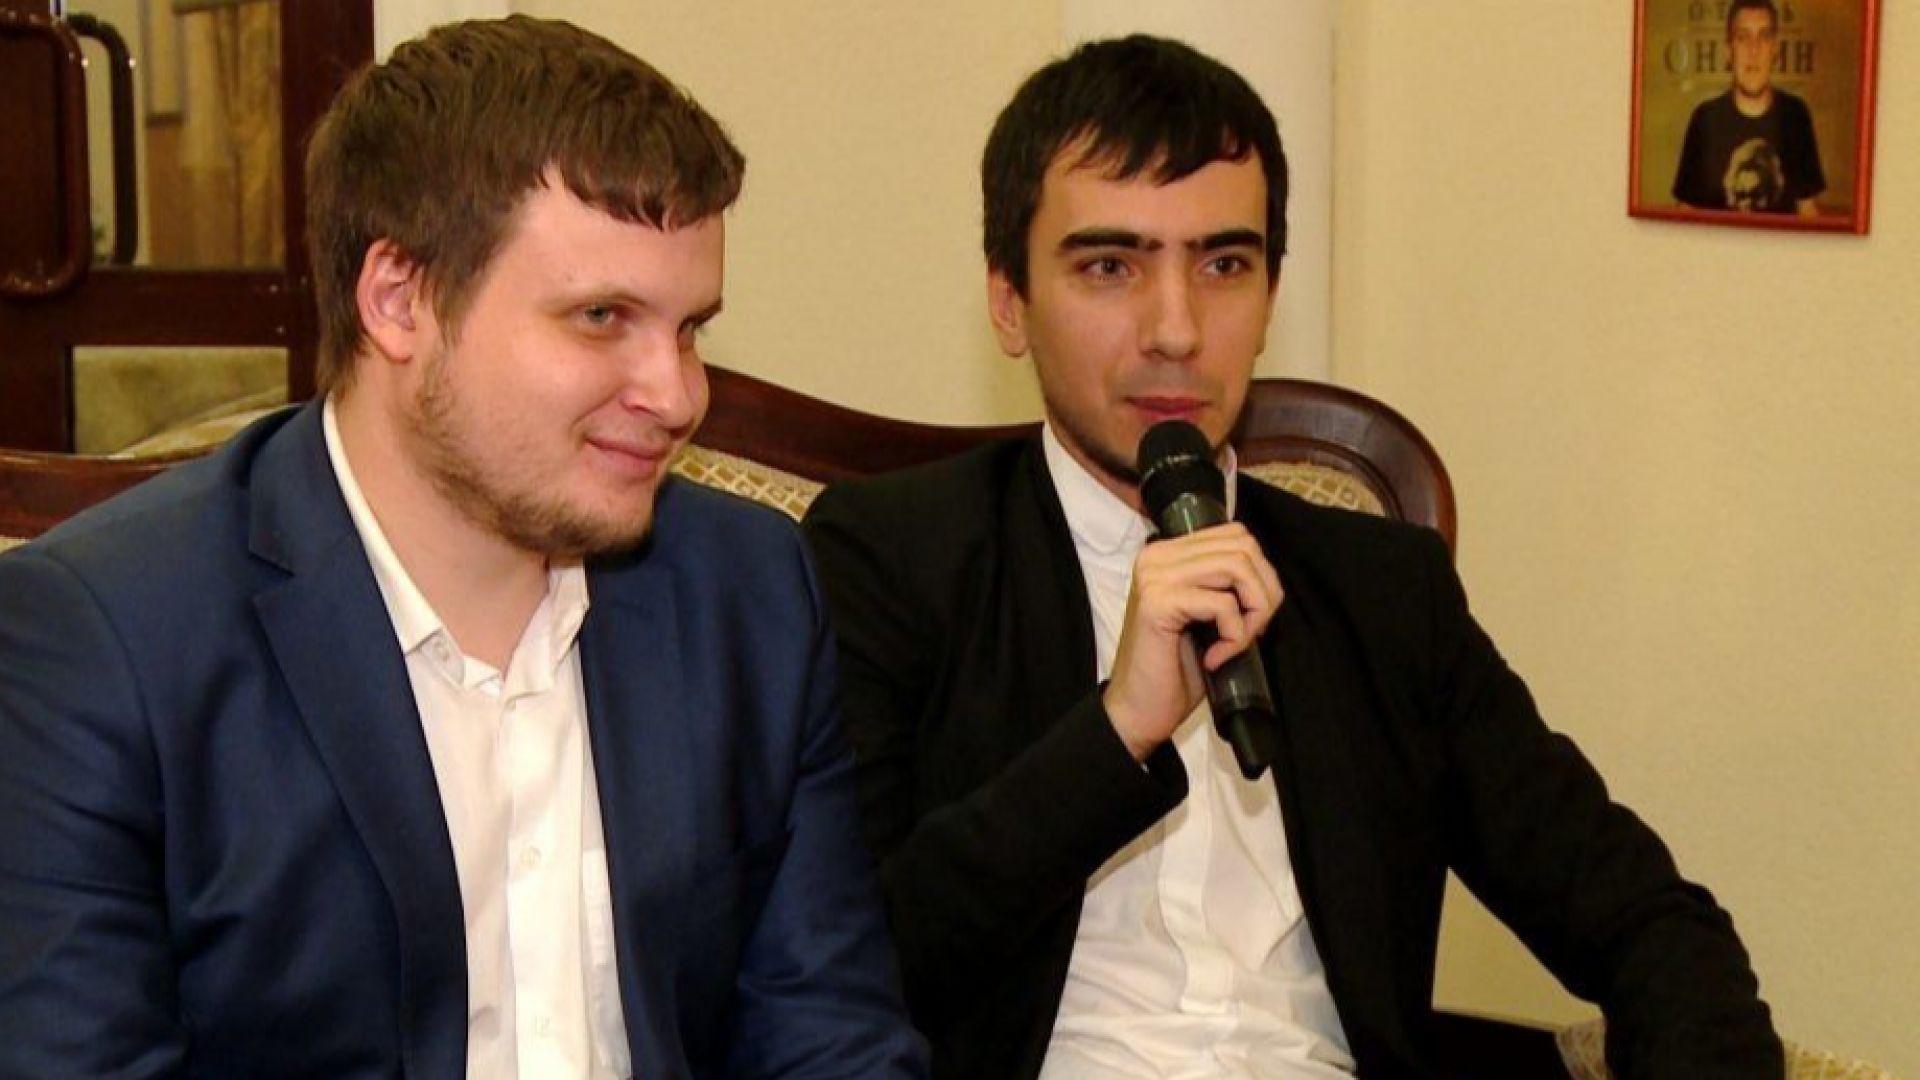 Руските комици Владимир Кузнецов и Алексей Столяров, известни като Вован